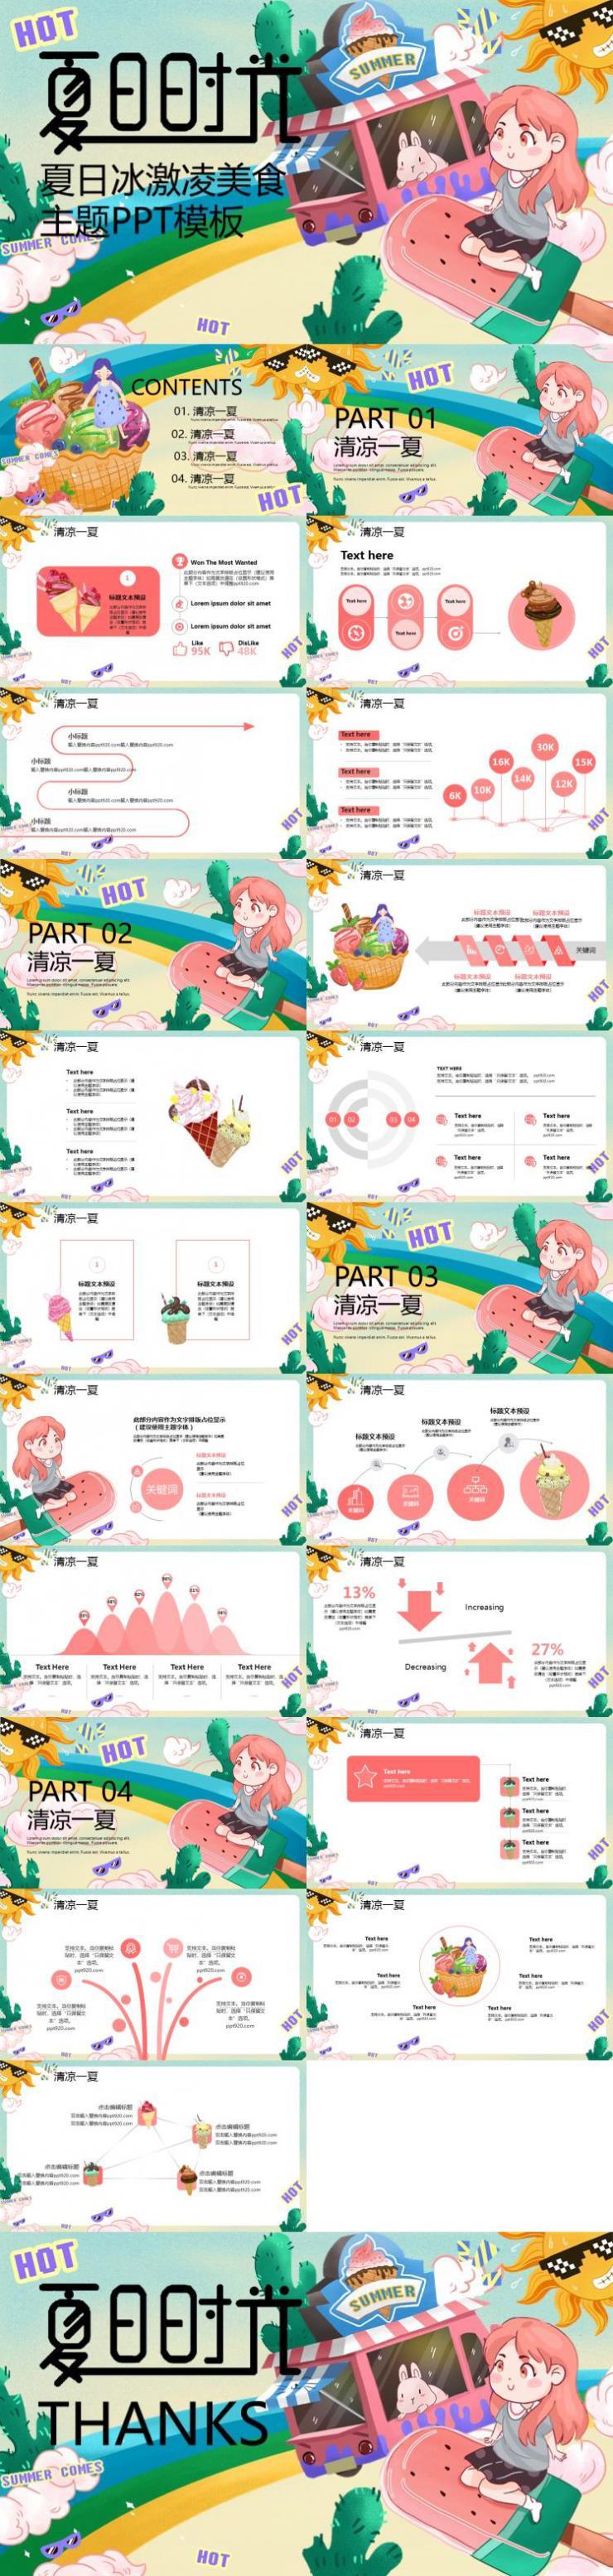 粉色可爱卡通夏日冰激凌美食主题PPT模板